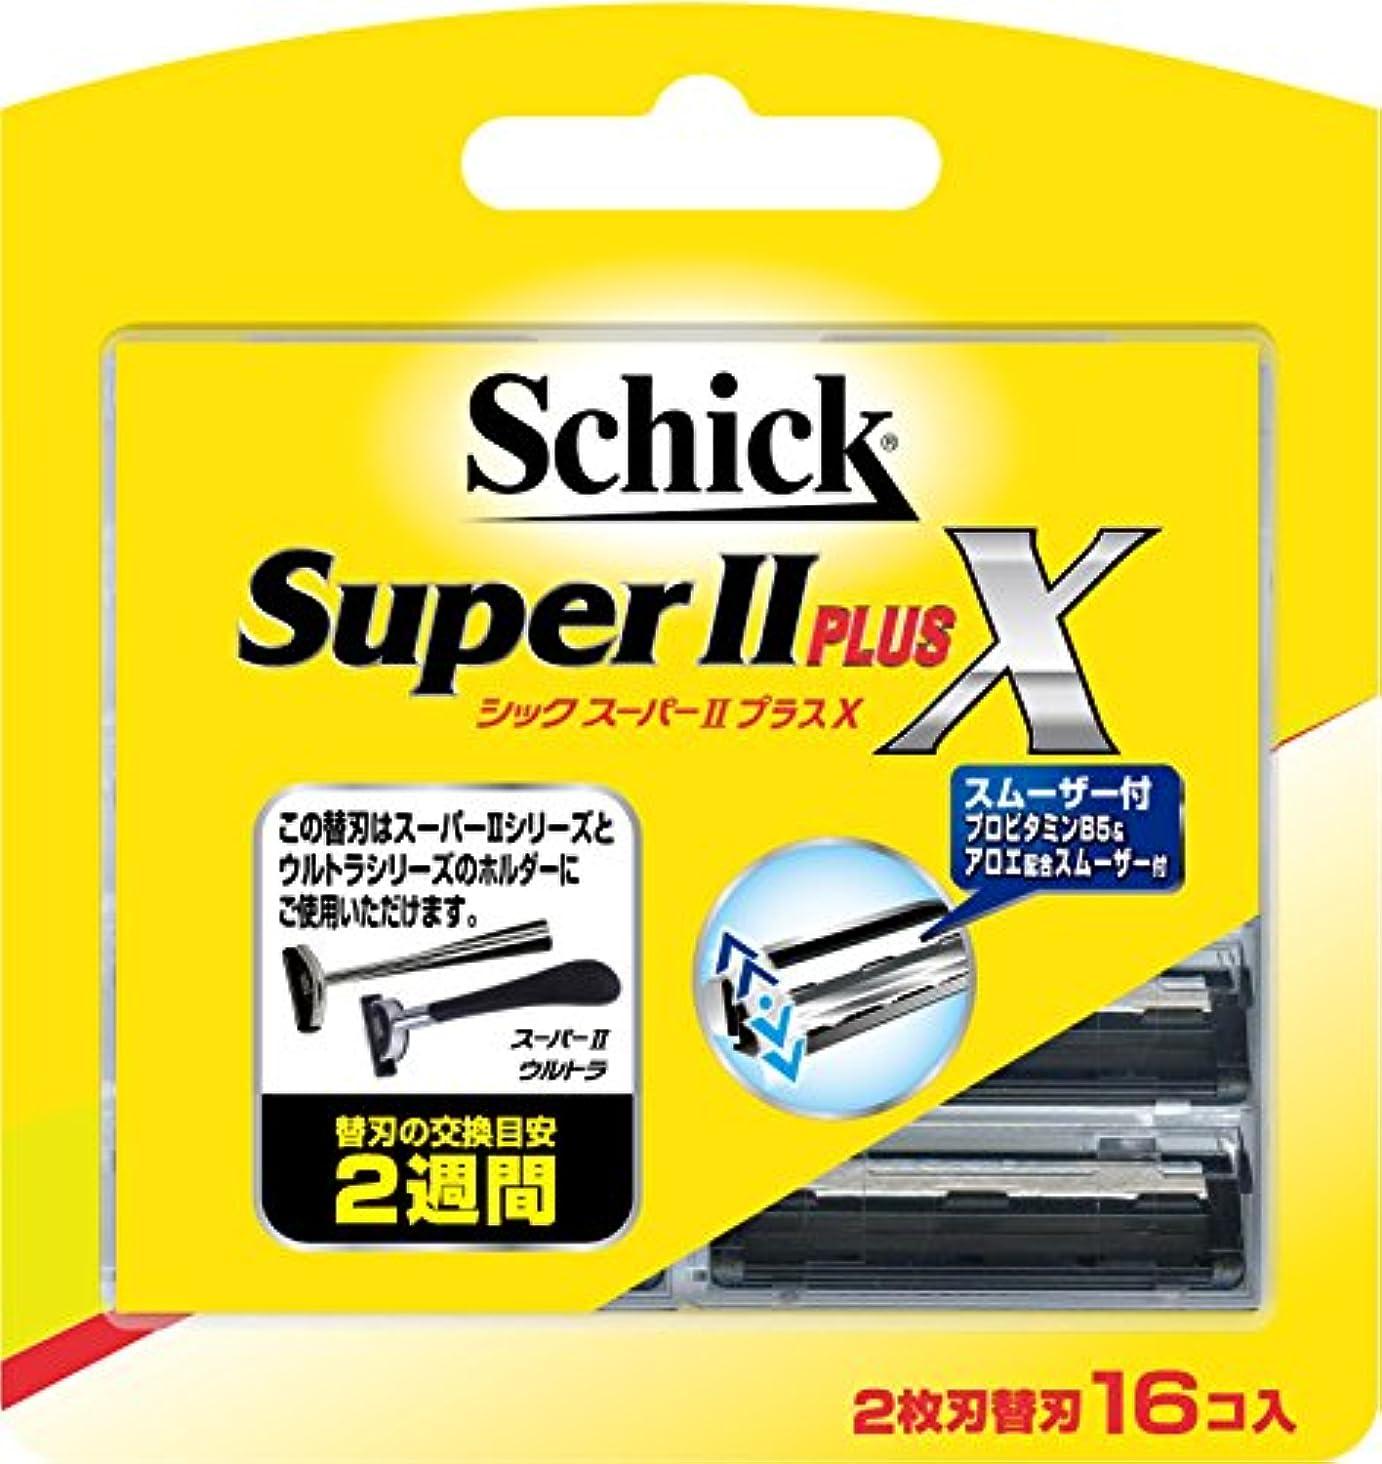 調和量スリルシック Schick スーパーIIプラスX 2枚刃 替刃 (16コ入)